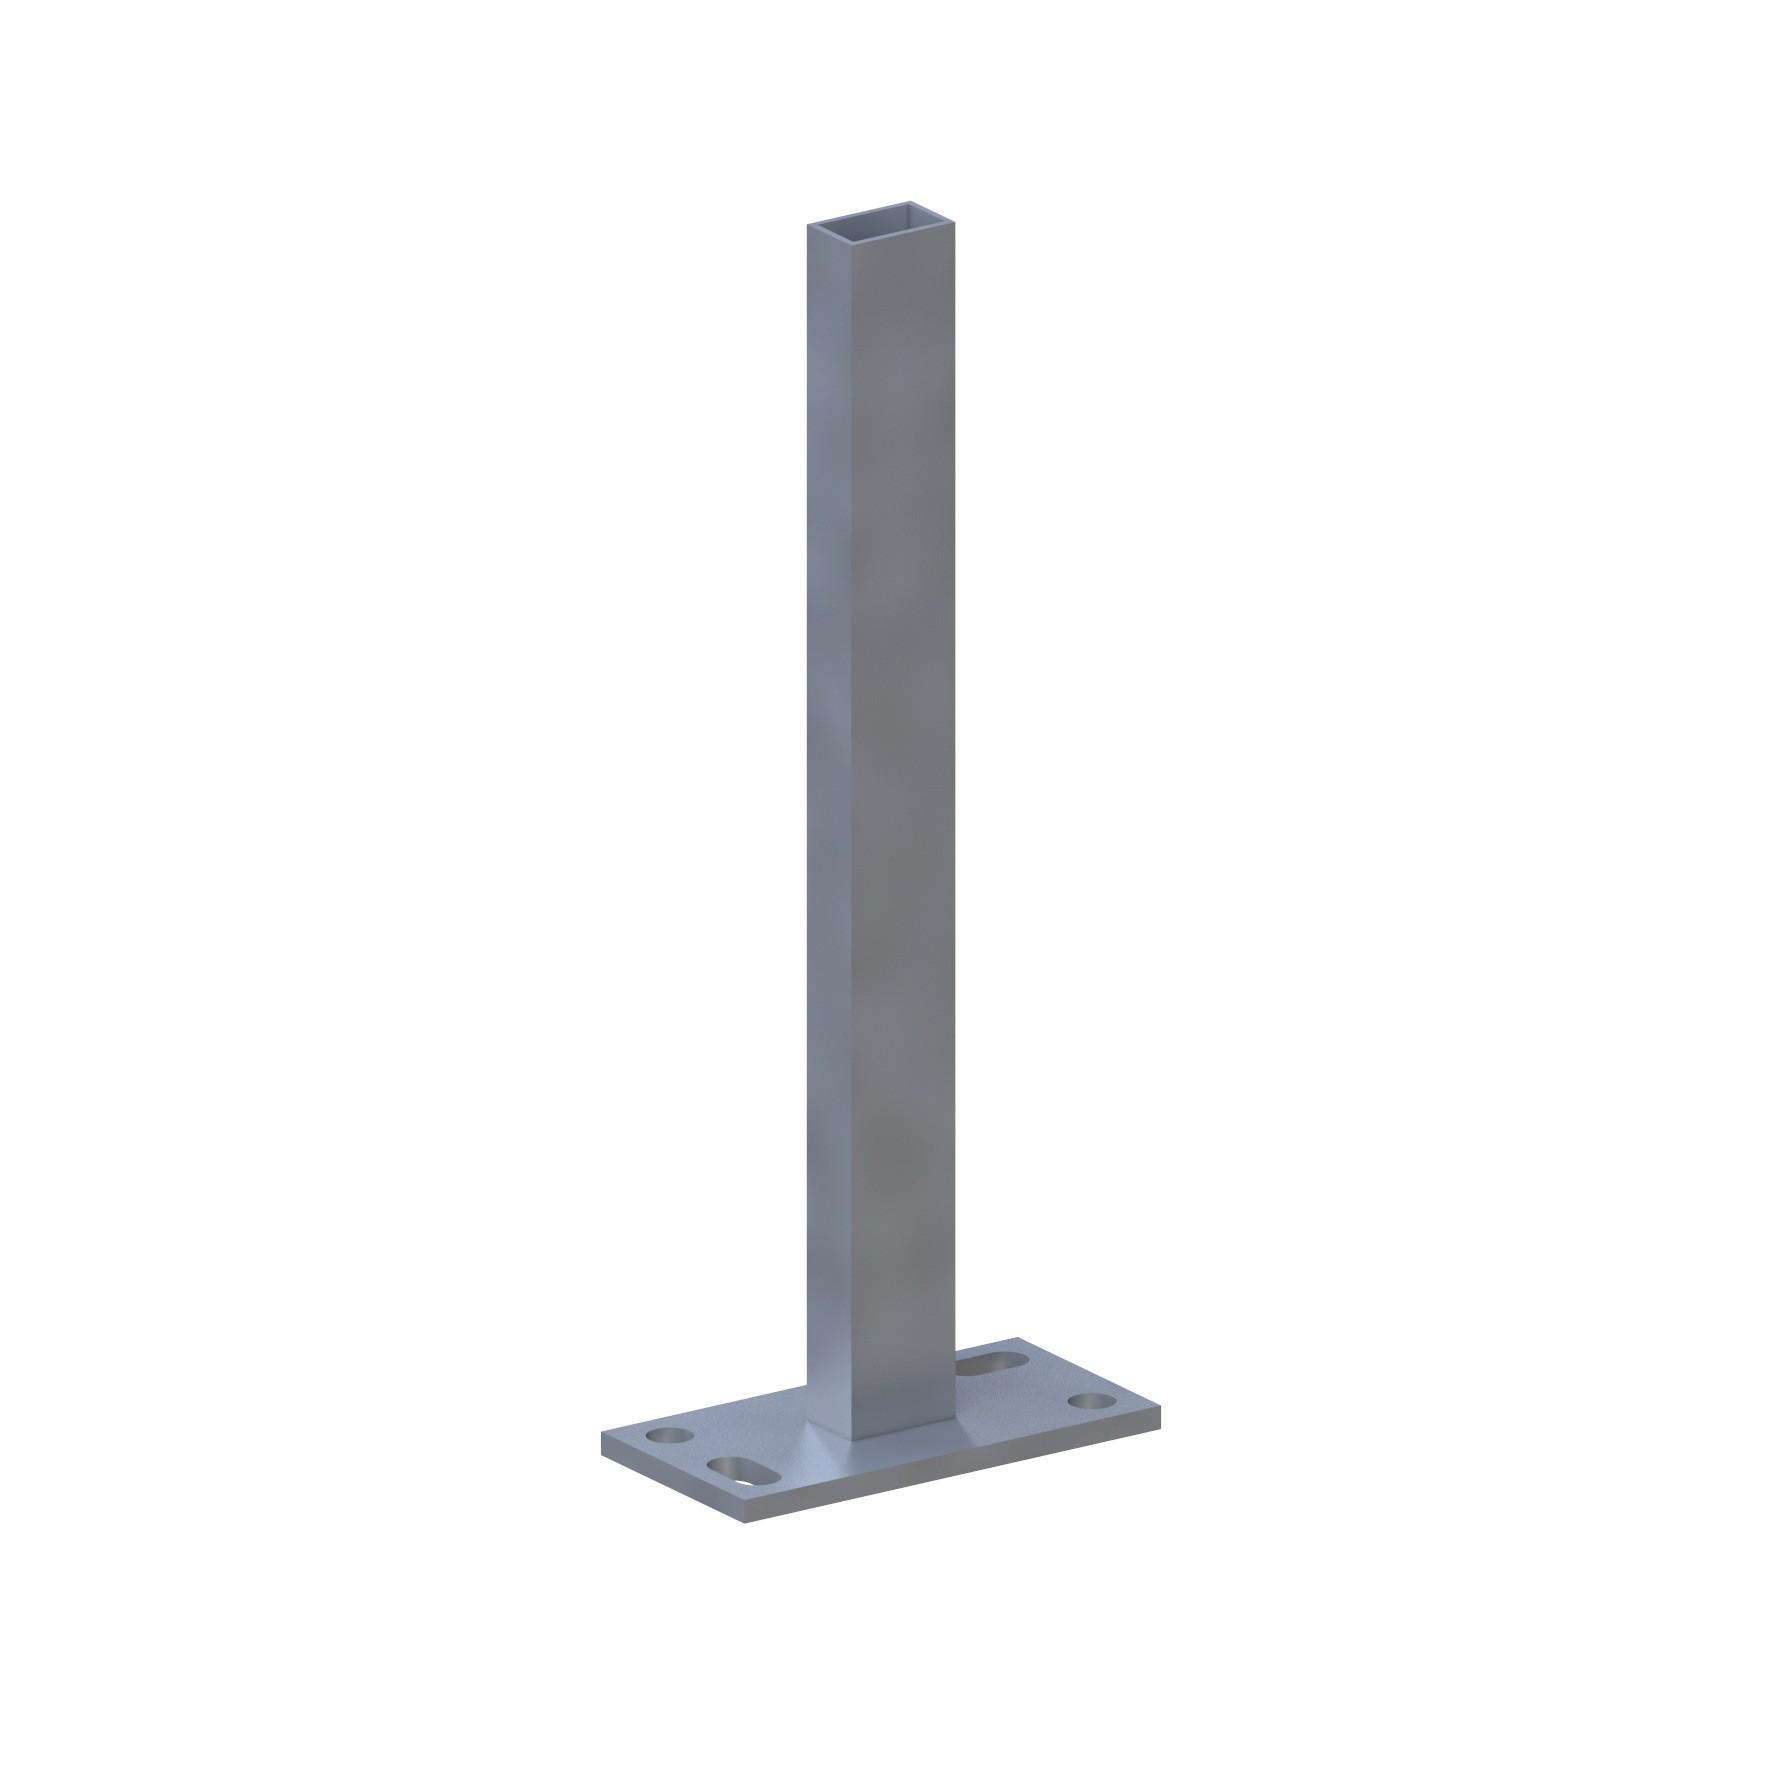 Sichtschutzzaun SYSTEM Träger für Klemmpfosten zum Aufschrauben Bild 1